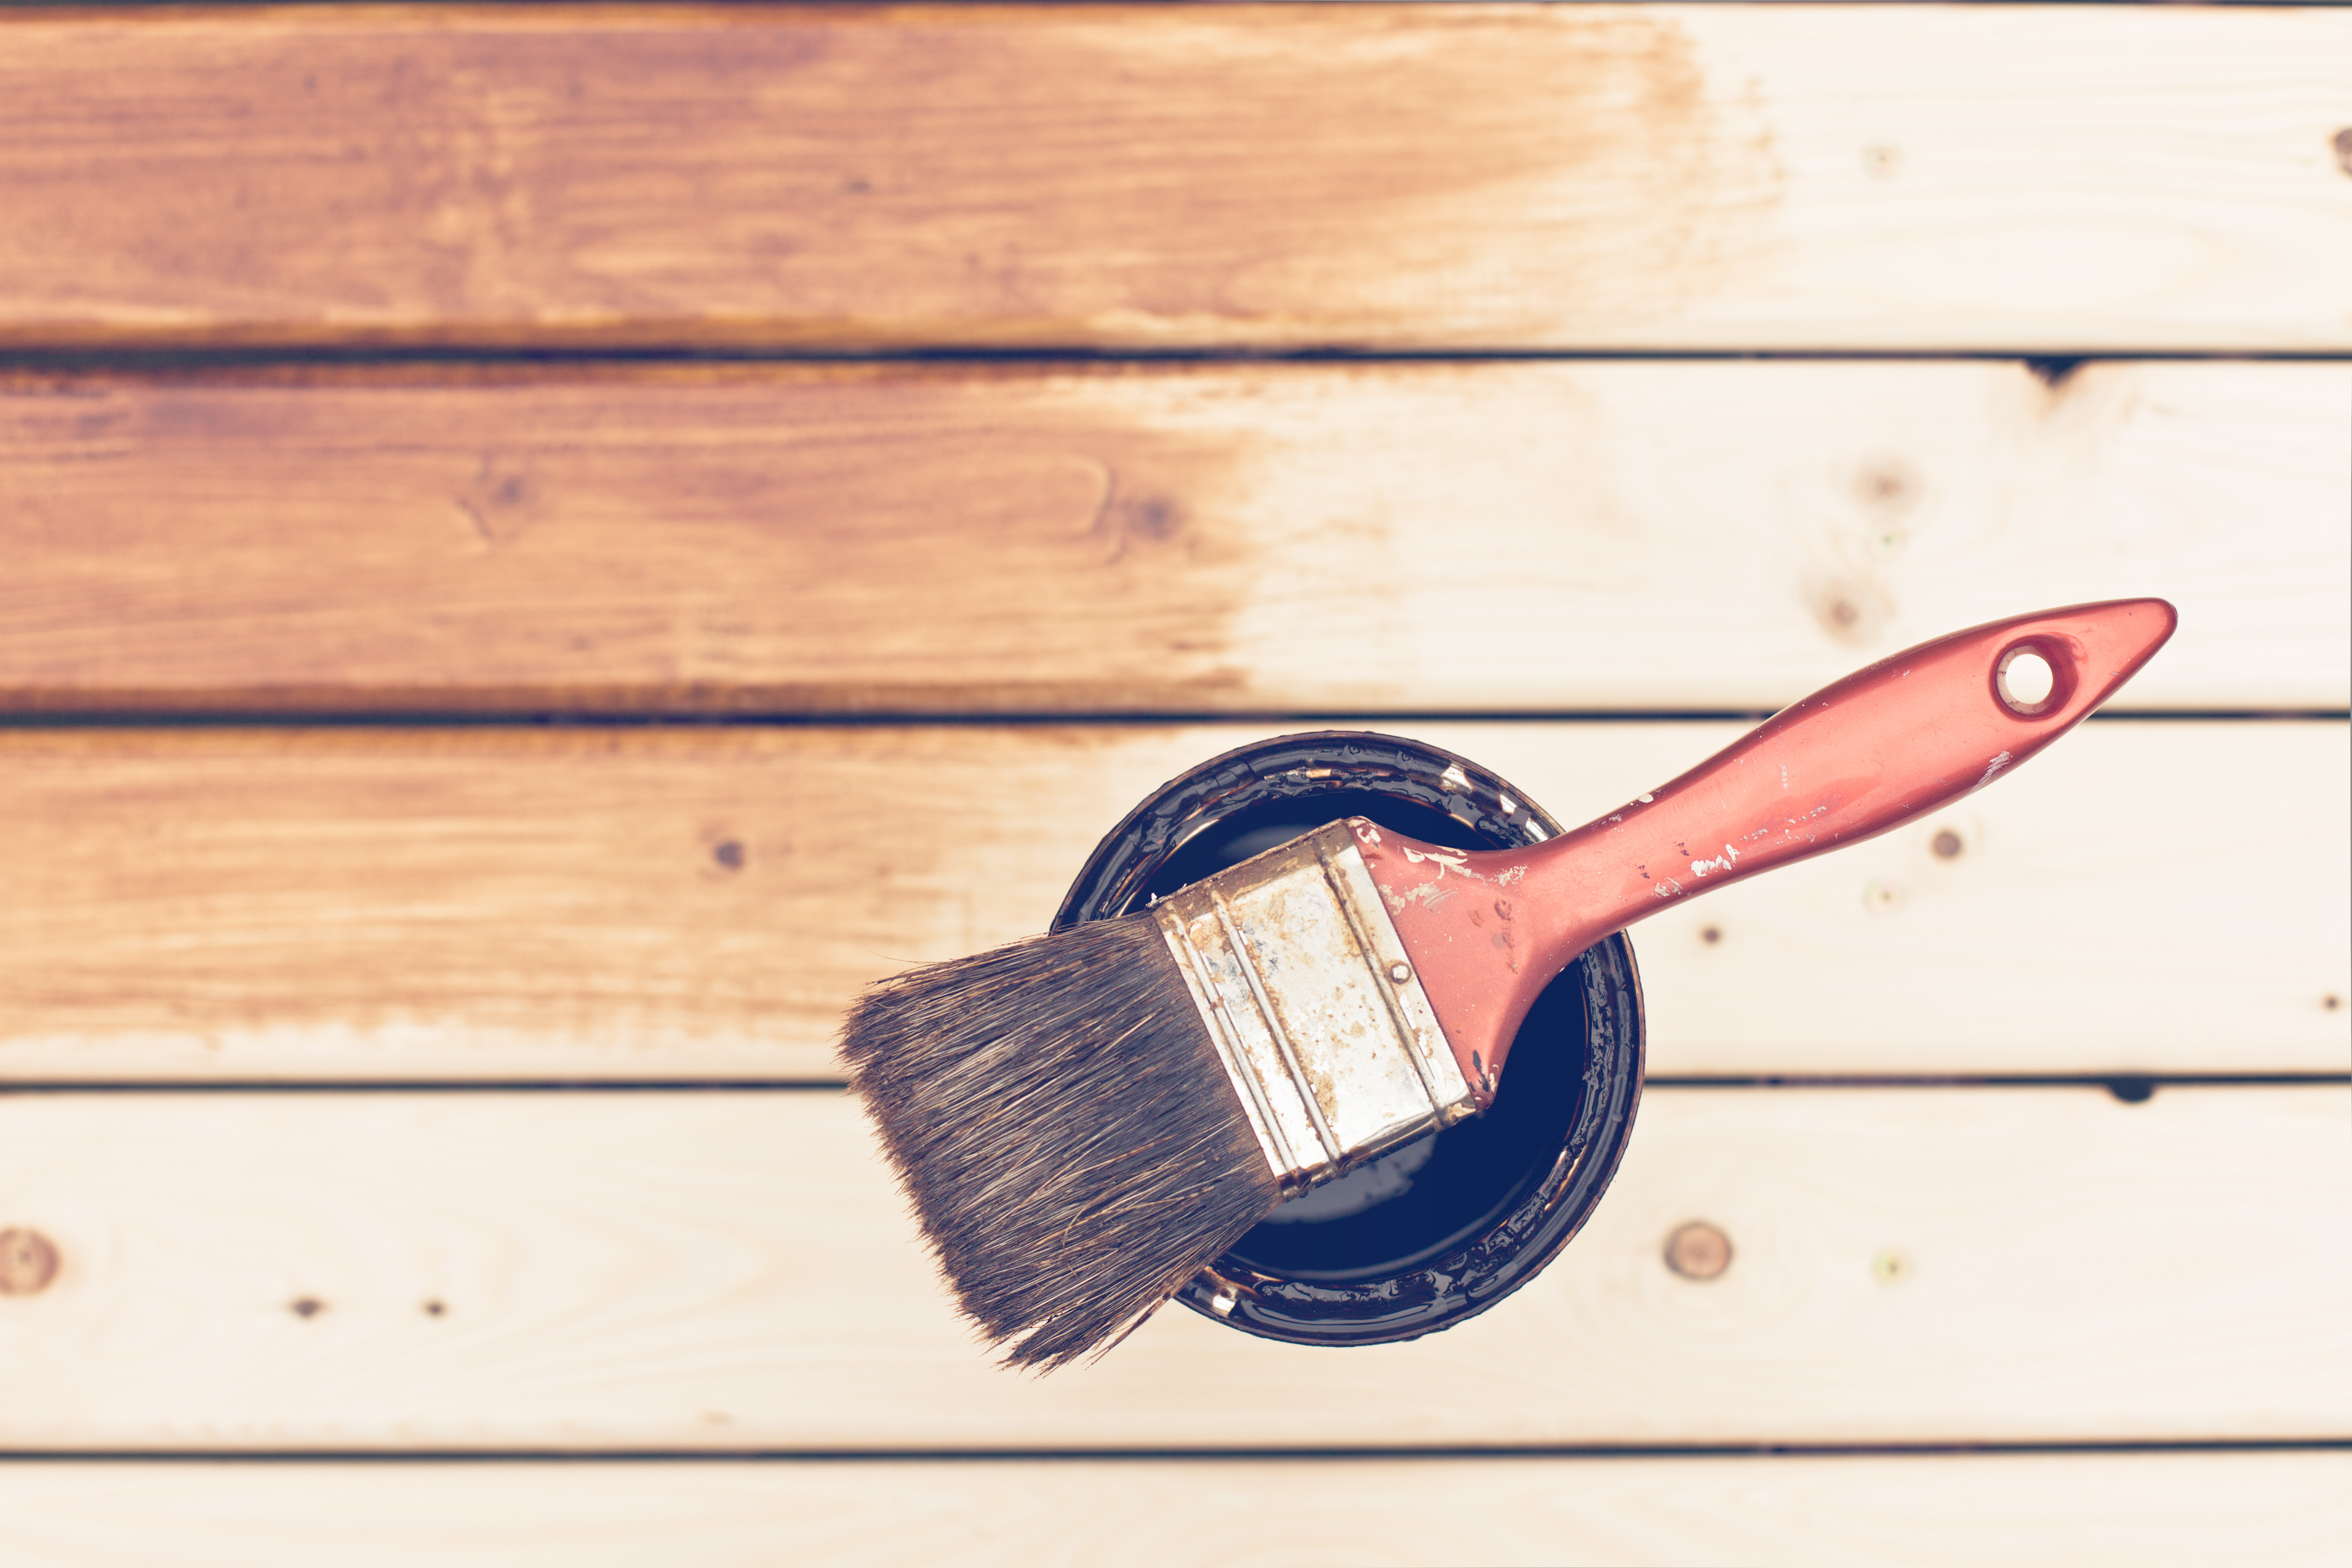 Ristrutturare Un Mobile In Legno come restaurare un mobile in legno || tilas industra vernici